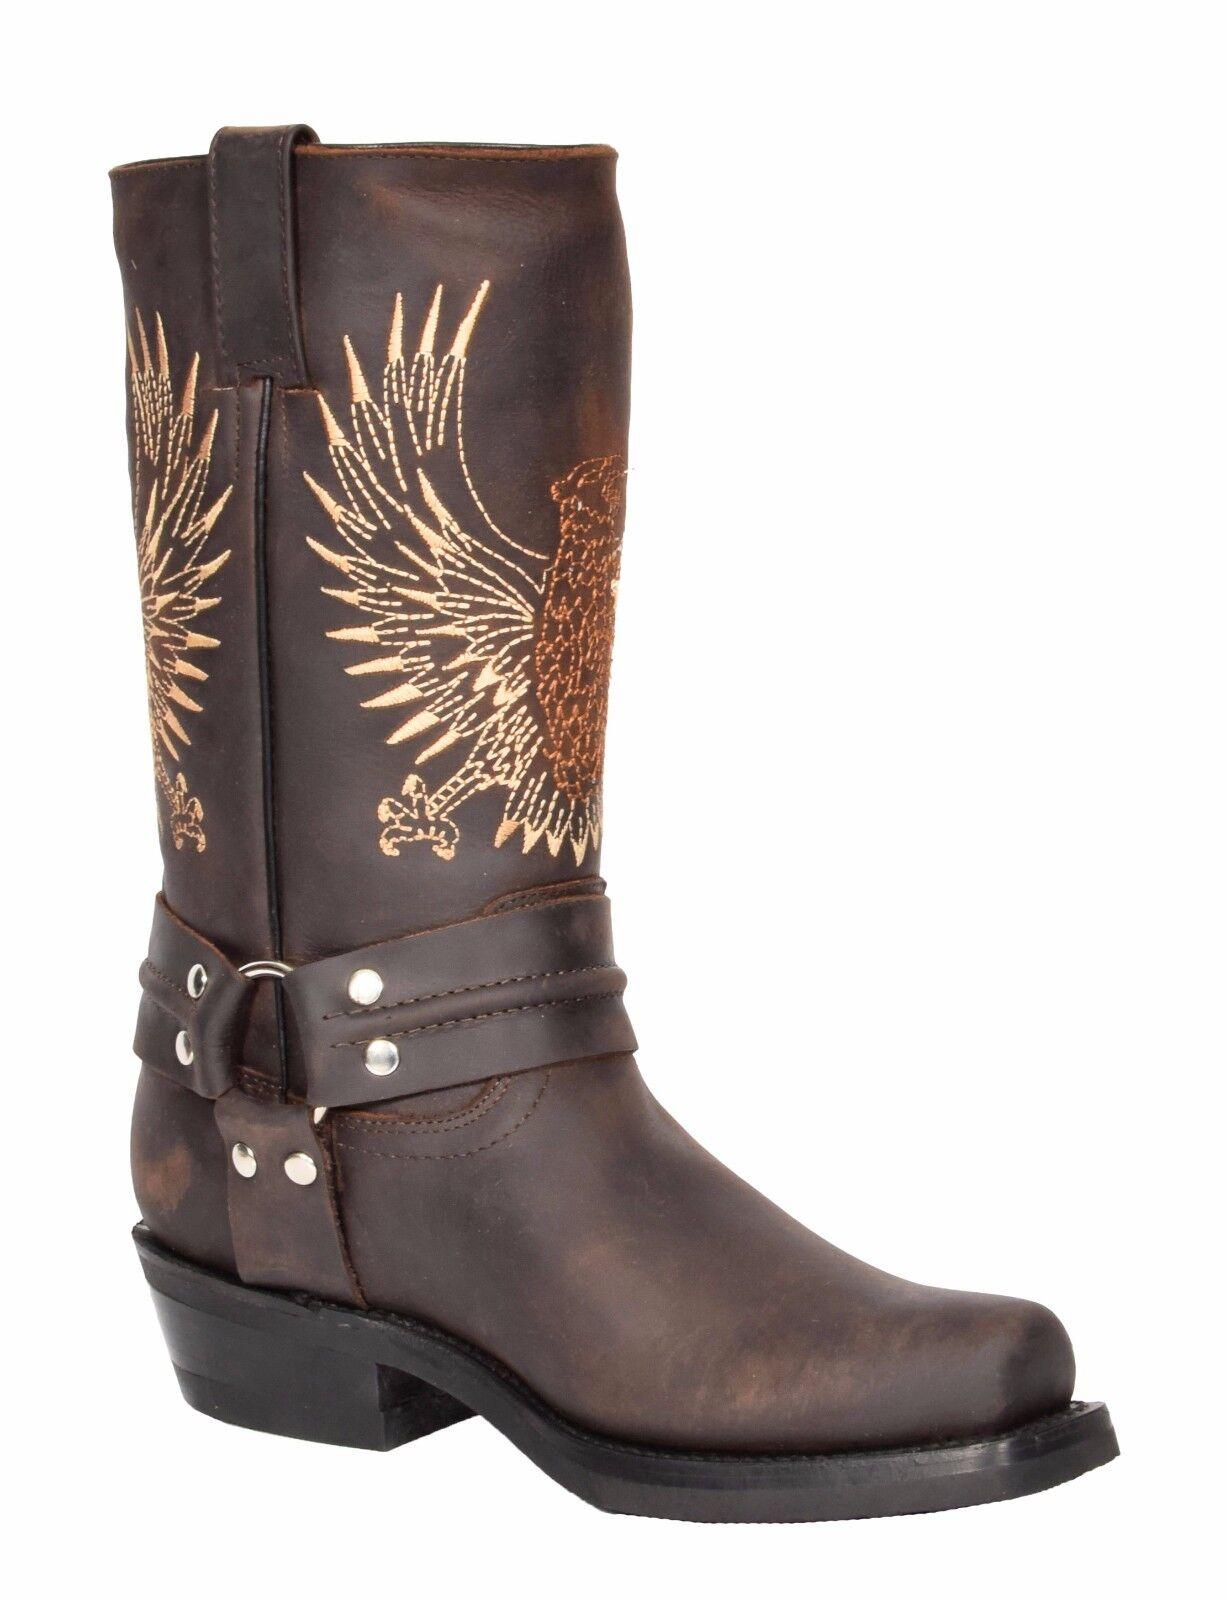 Mens Brown Leather Cowboy Biker Boots Slip On Square Toe Designer Grinders Boots